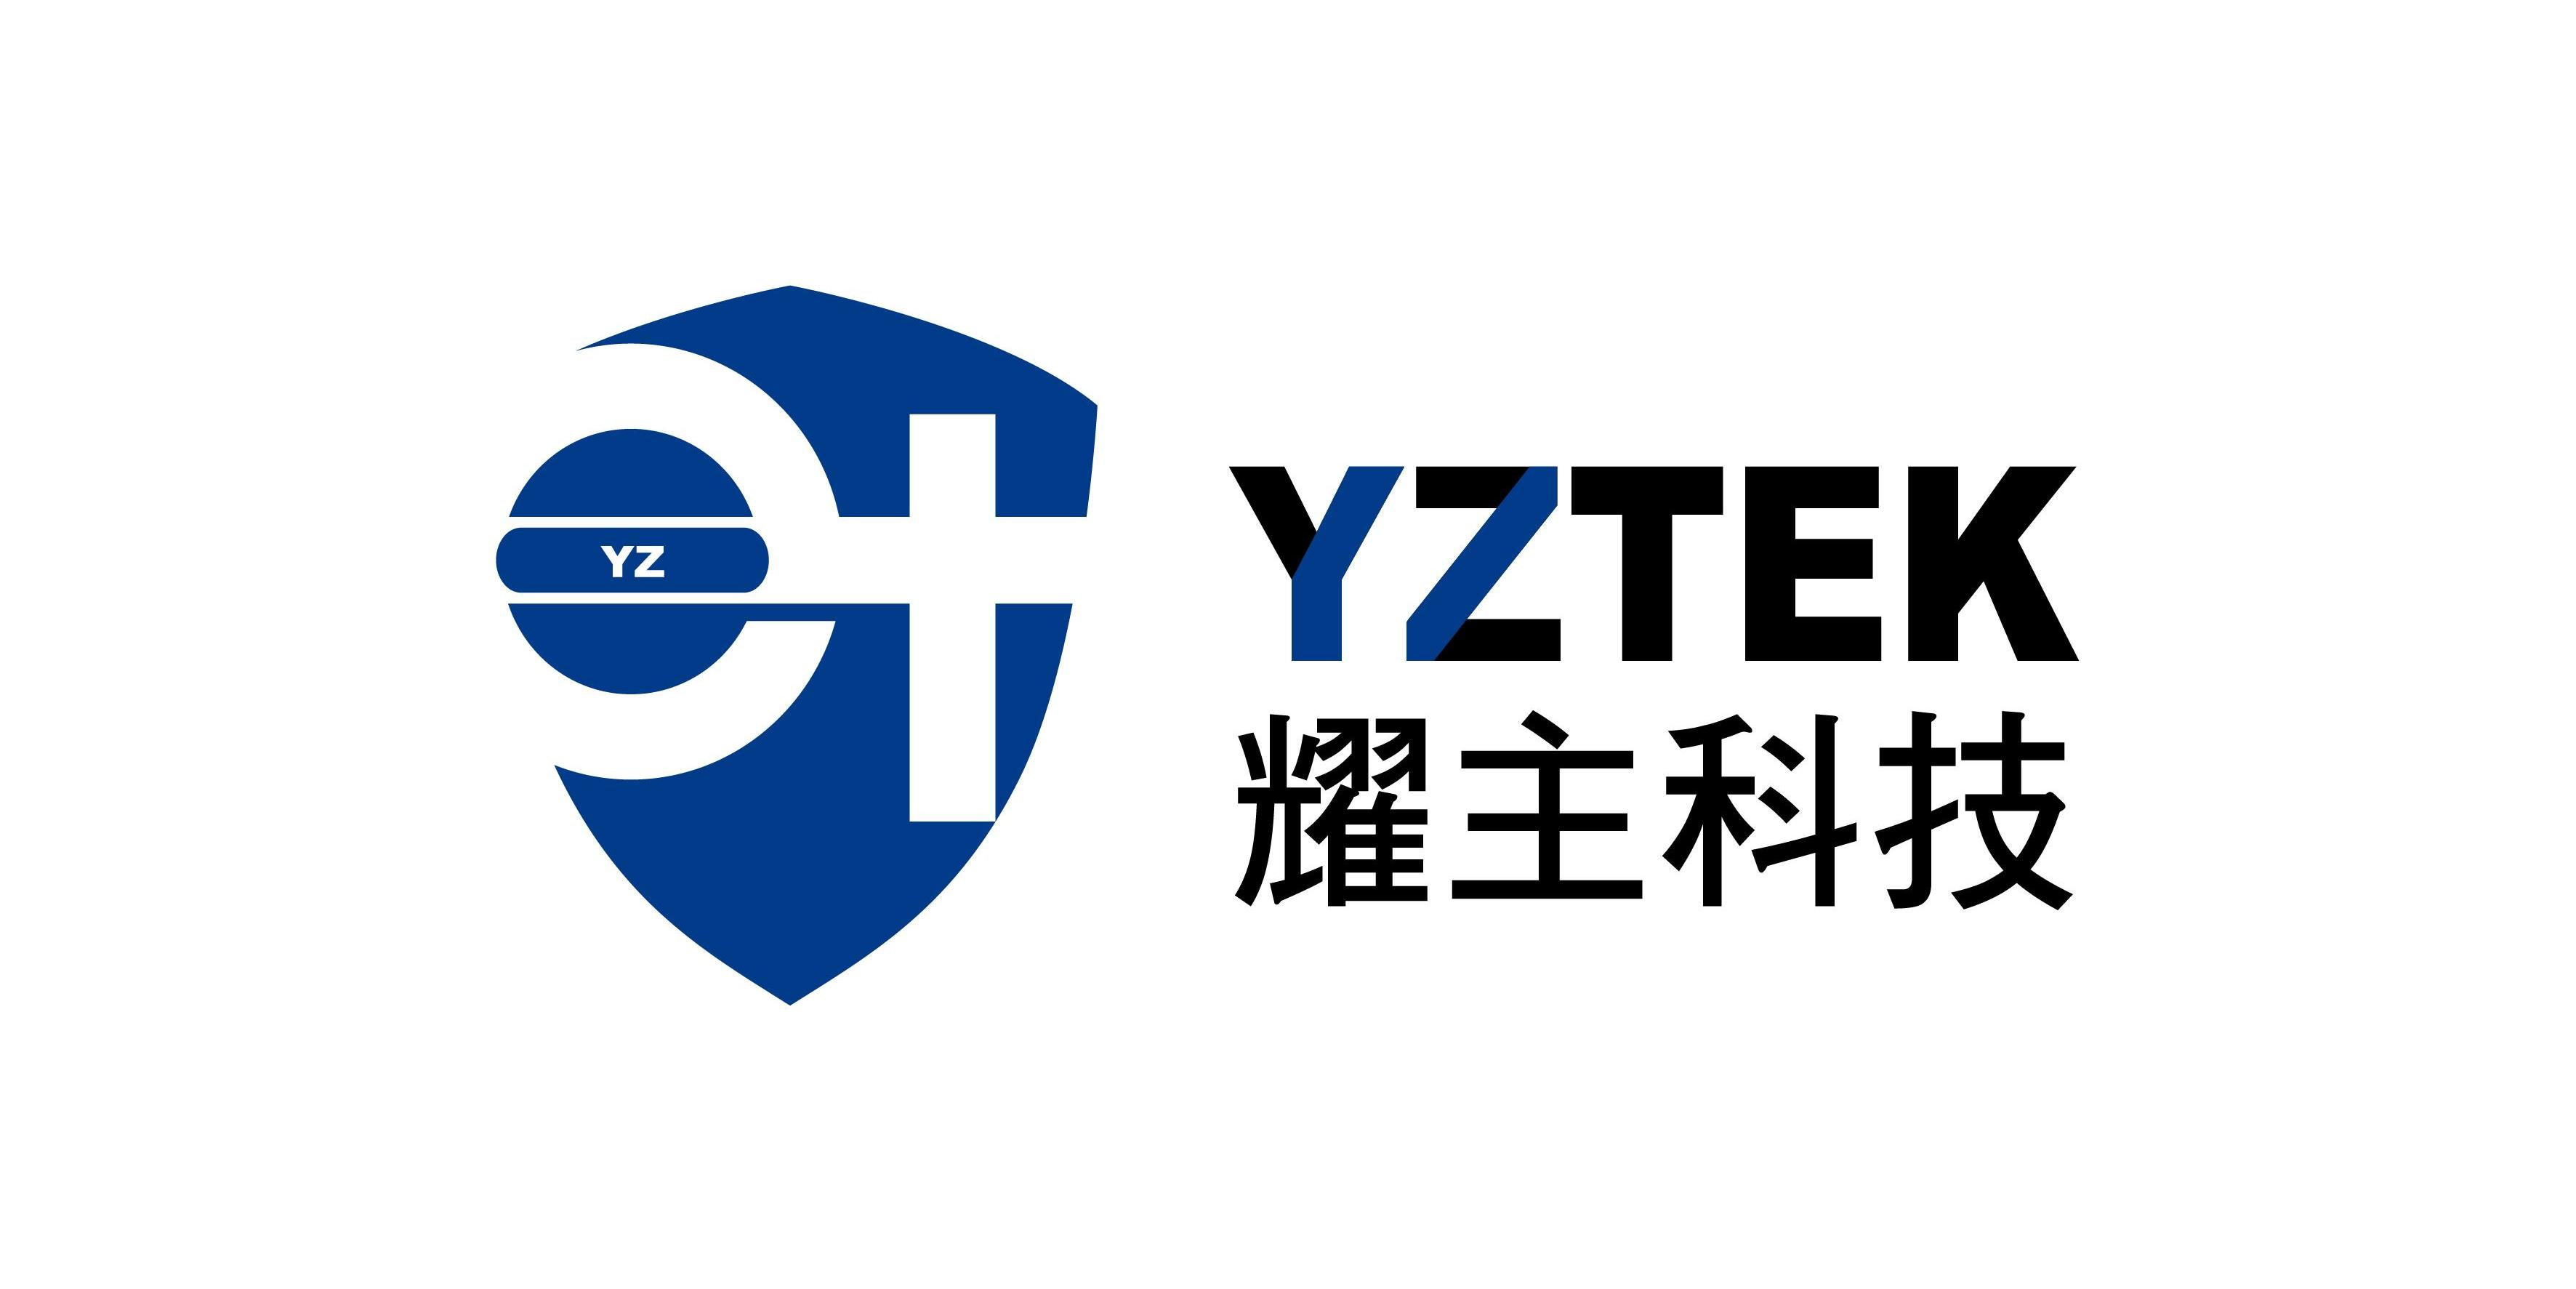 耀主科技股份有限公司-Logo